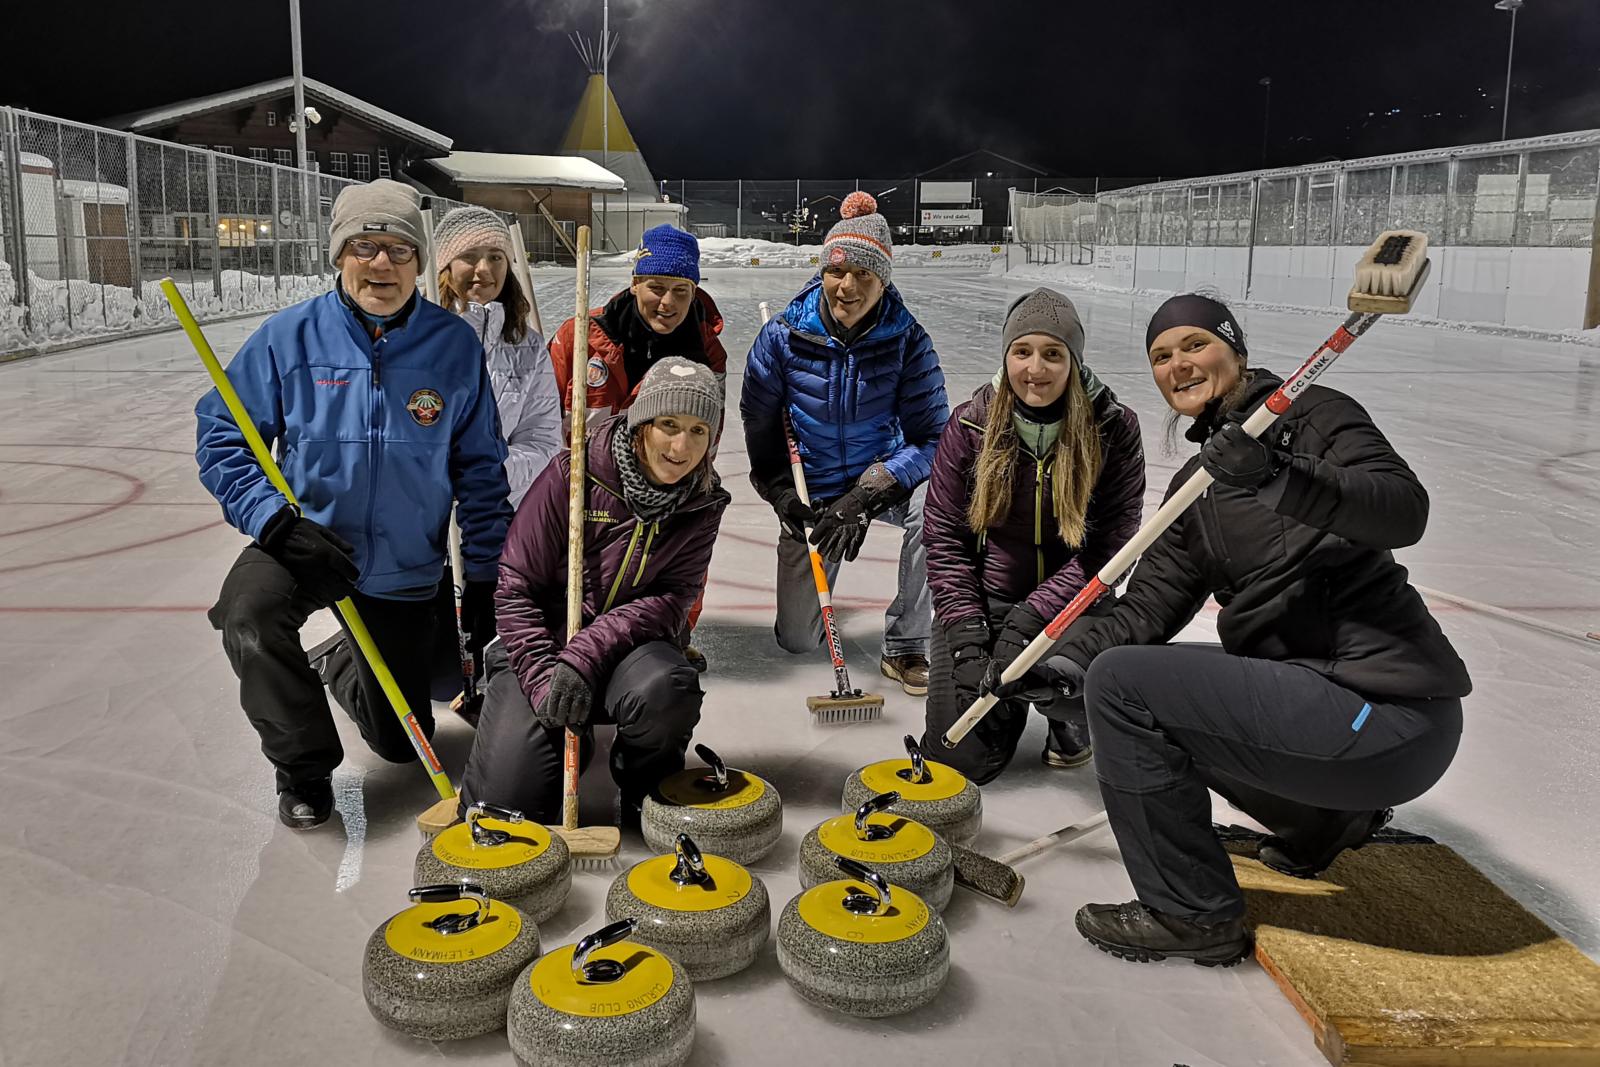 Erlebnis Daniela: Team Curling